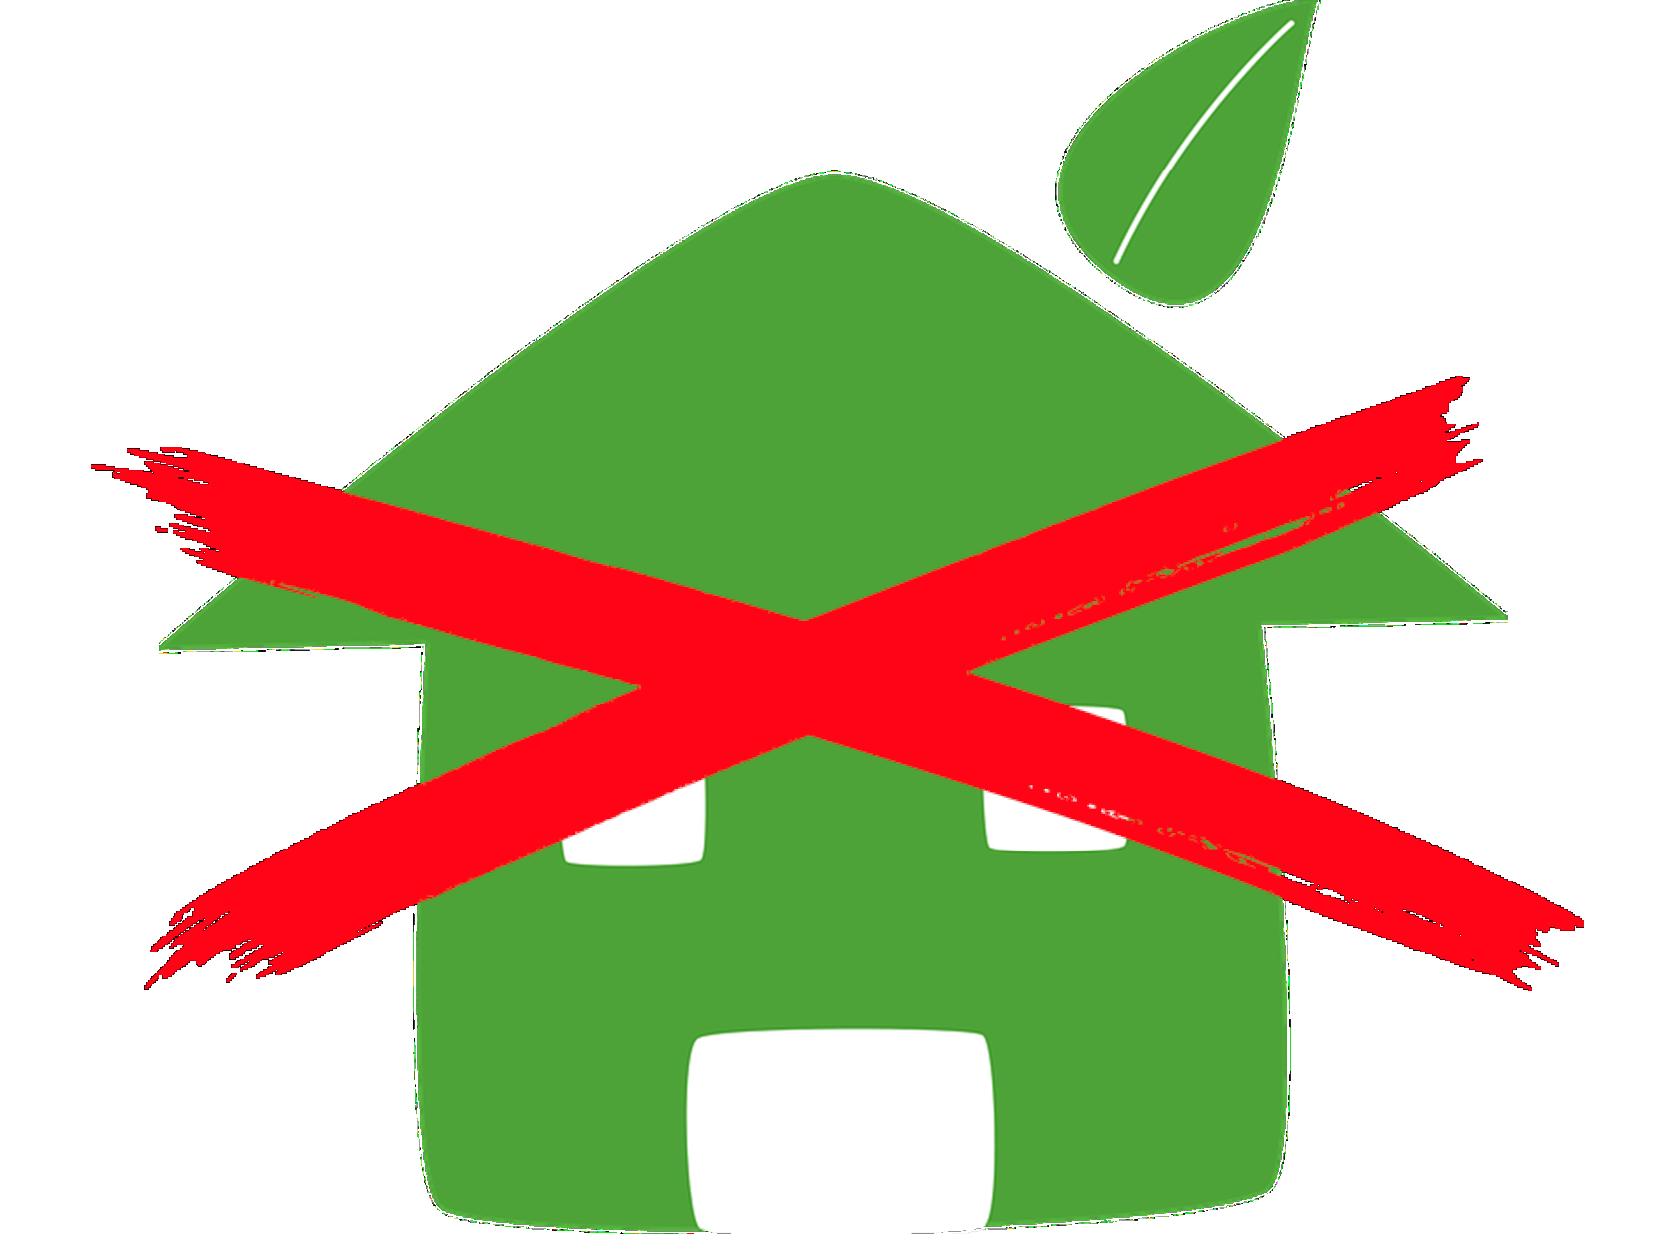 Antrag für nachhaltiges Bauen abgelehnt.